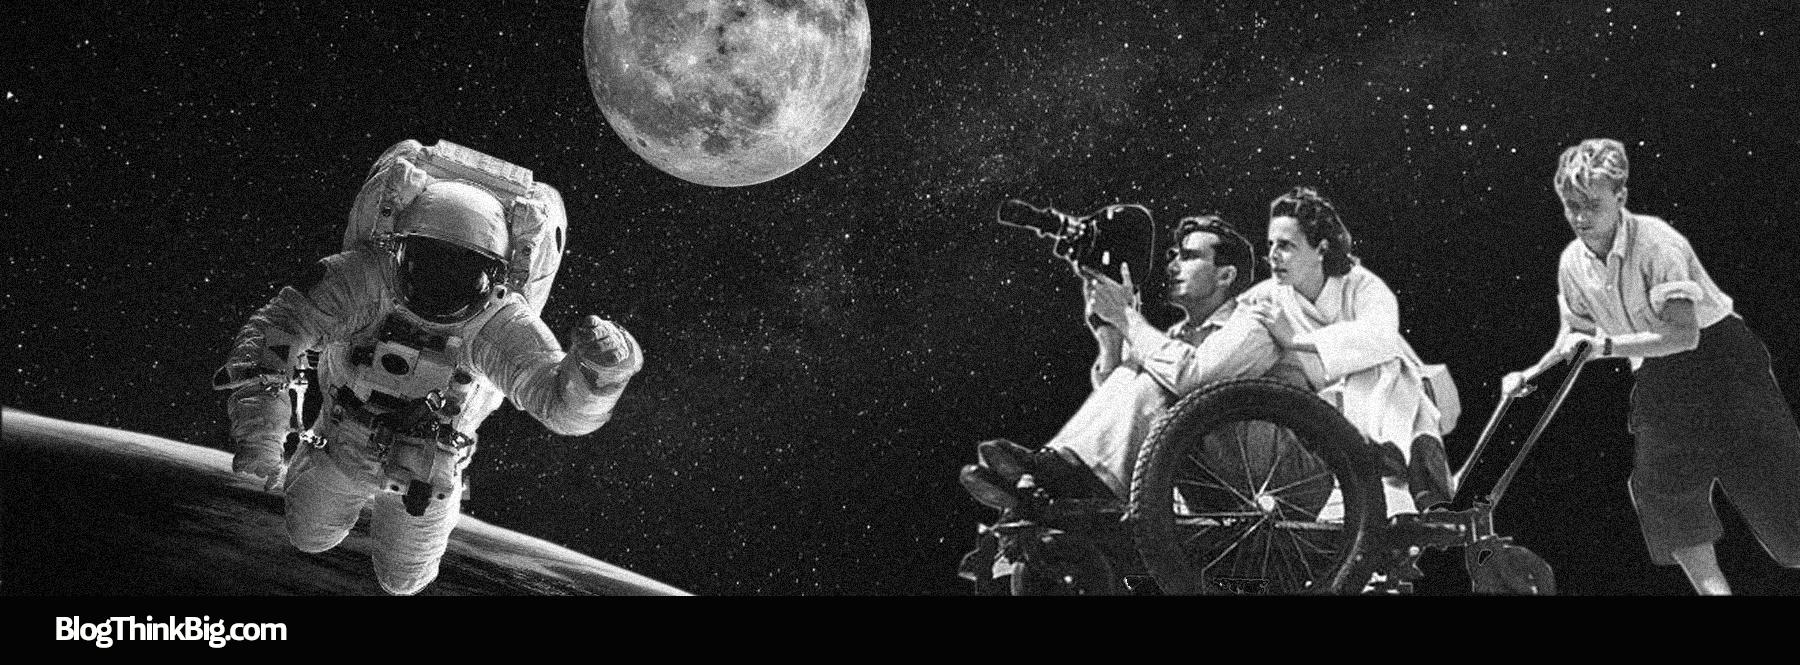 Confirmado: ya está en marcha la primera película grabada, literalmente, en el espacio